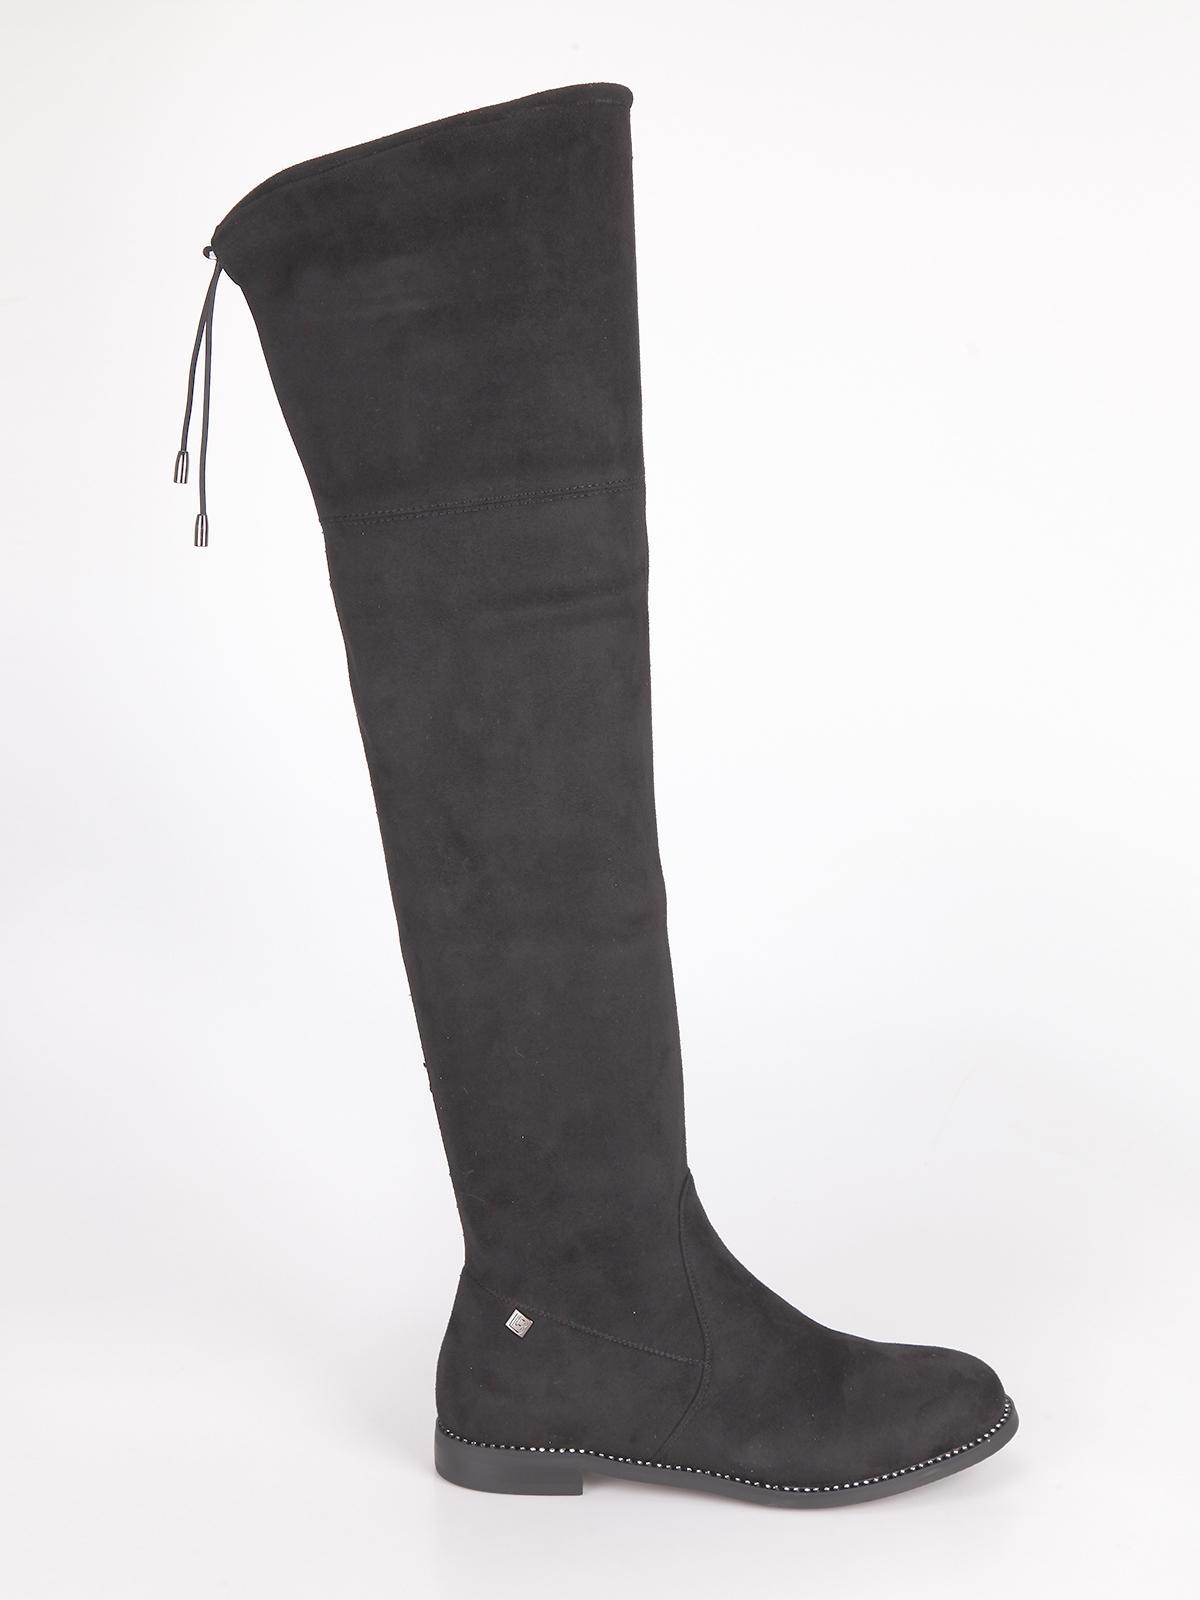 acquisto economico 4b0da e0575 Stivali alti con strass laura biagiotti   MecShopping